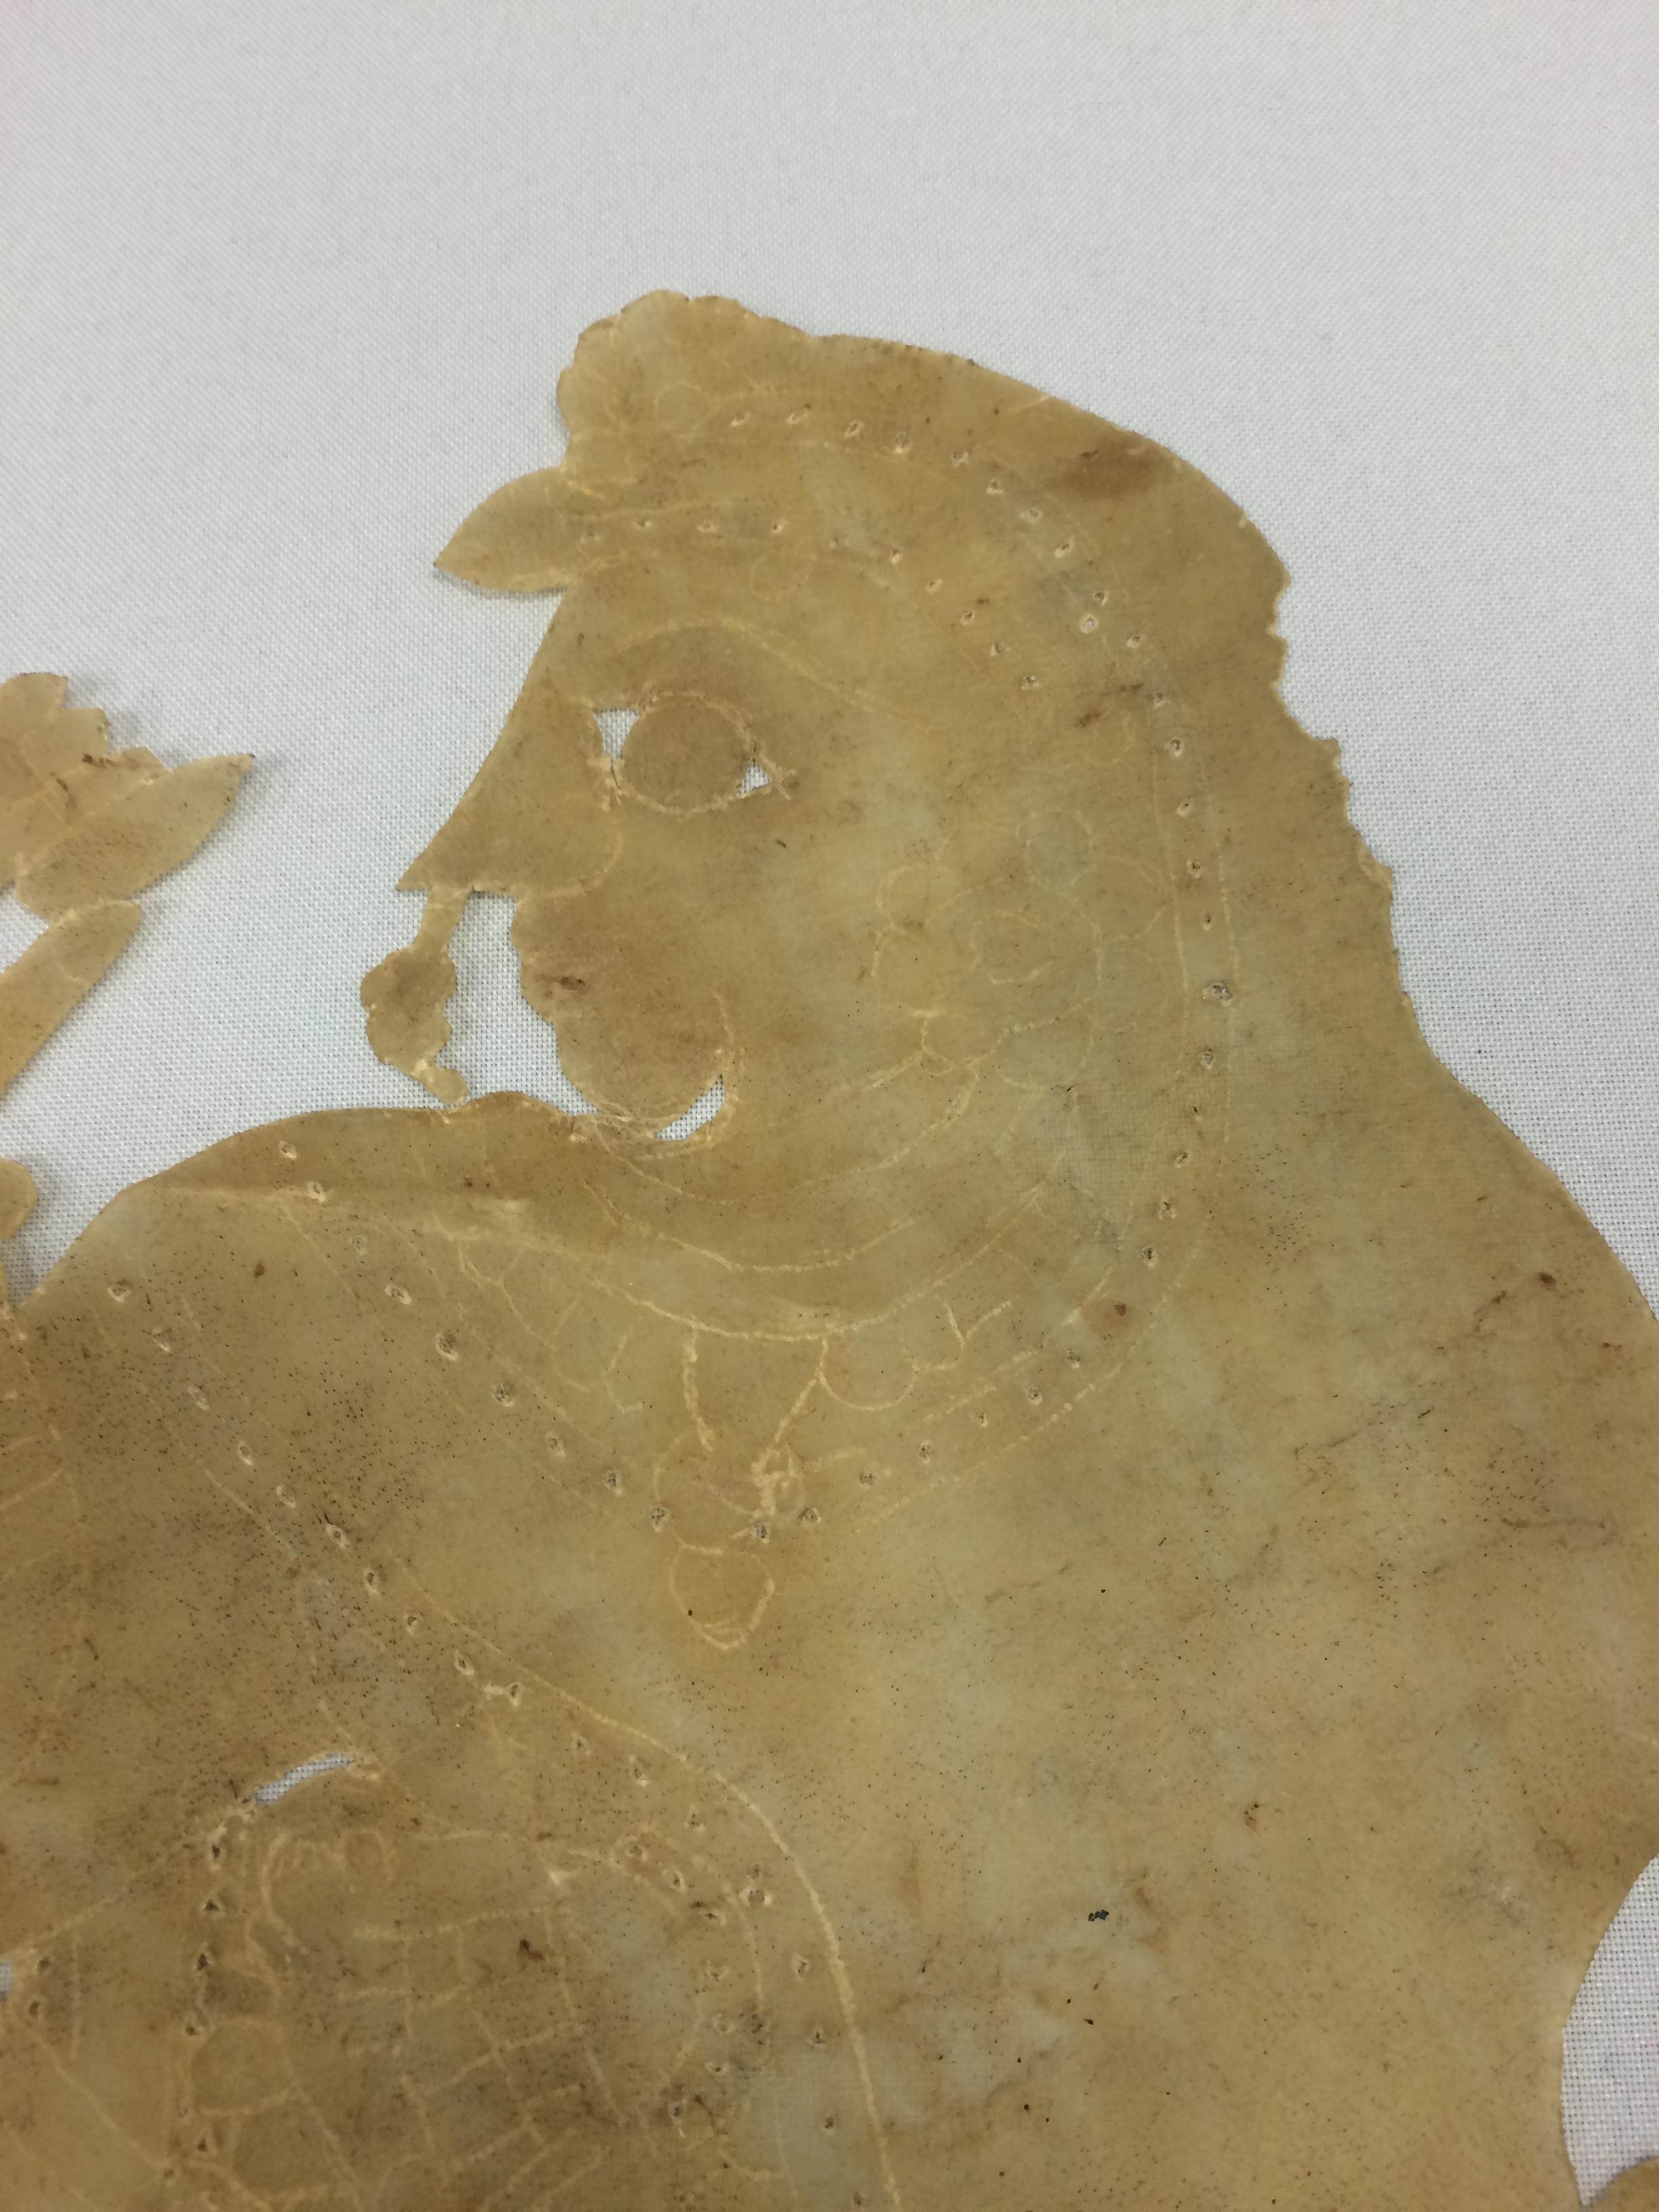 Détail, Sîtâ à cheval, une figure d'ombre d'<em>Or</em>issa (Odisha) en Inde, ravanachhaya, hauteur : 60 cm. Collection : Center for Puppetry Arts (Atlanta, Géorgie, États-Unis)